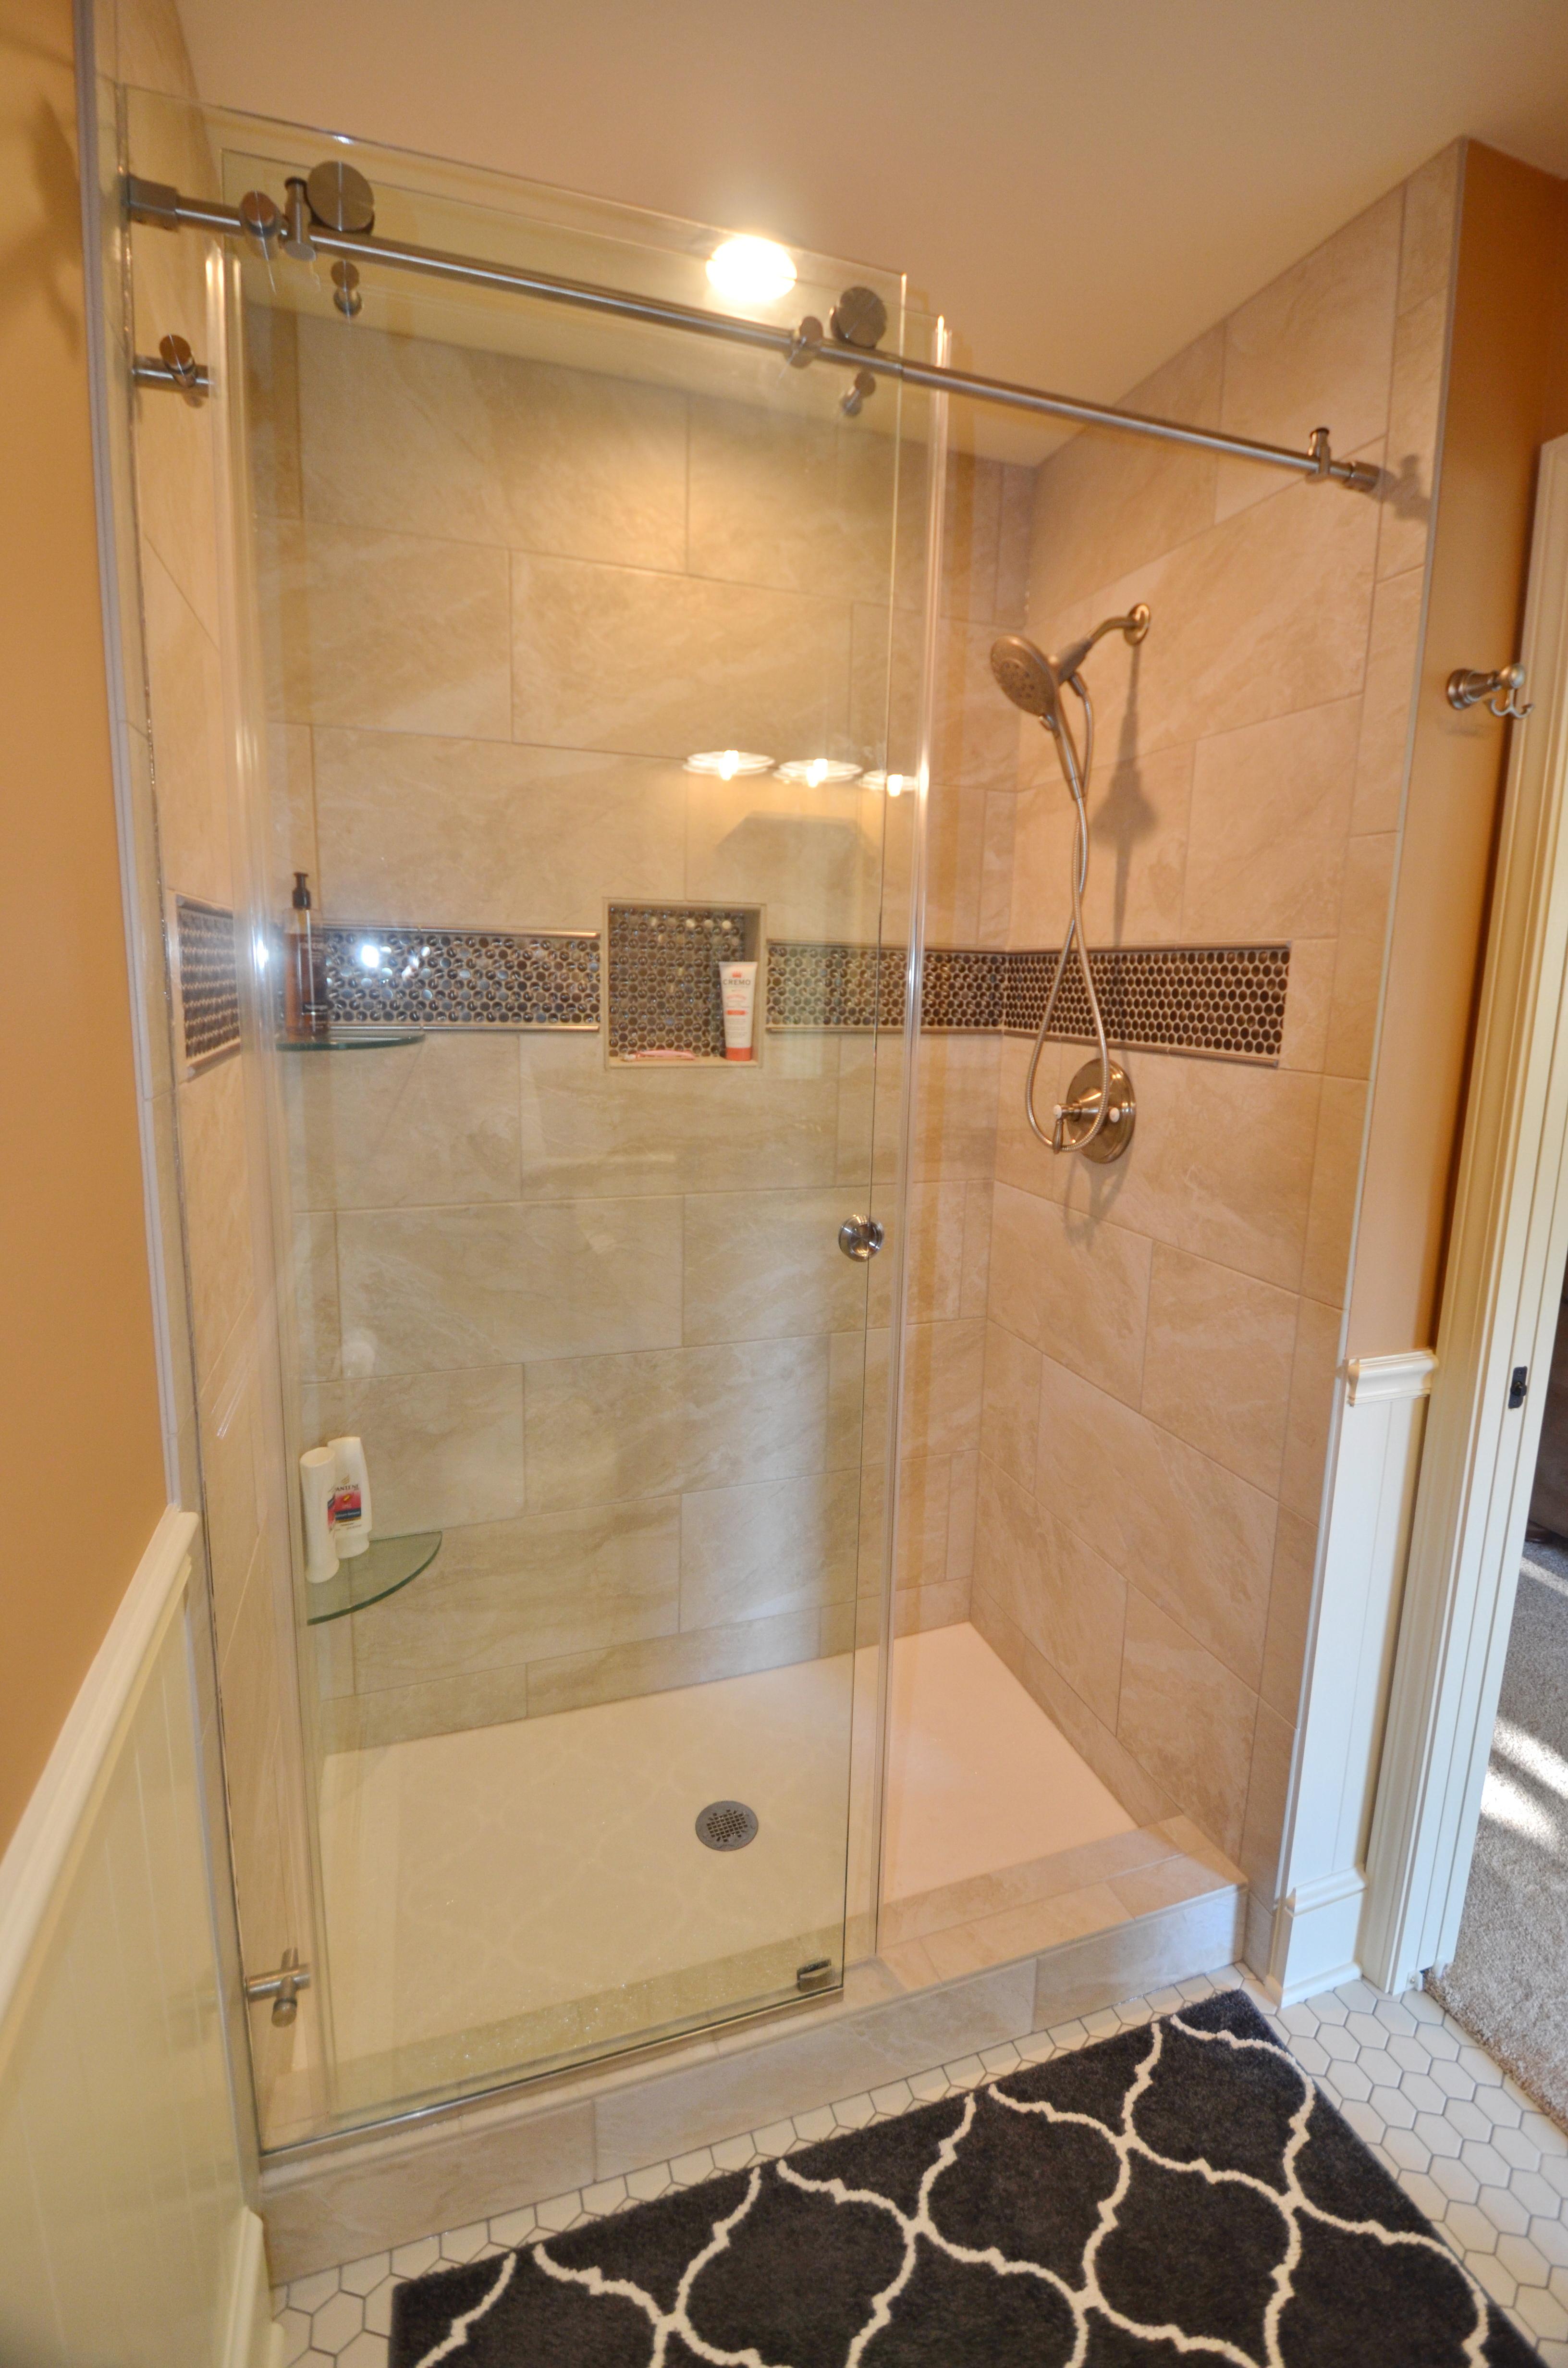 Barn door style shower door